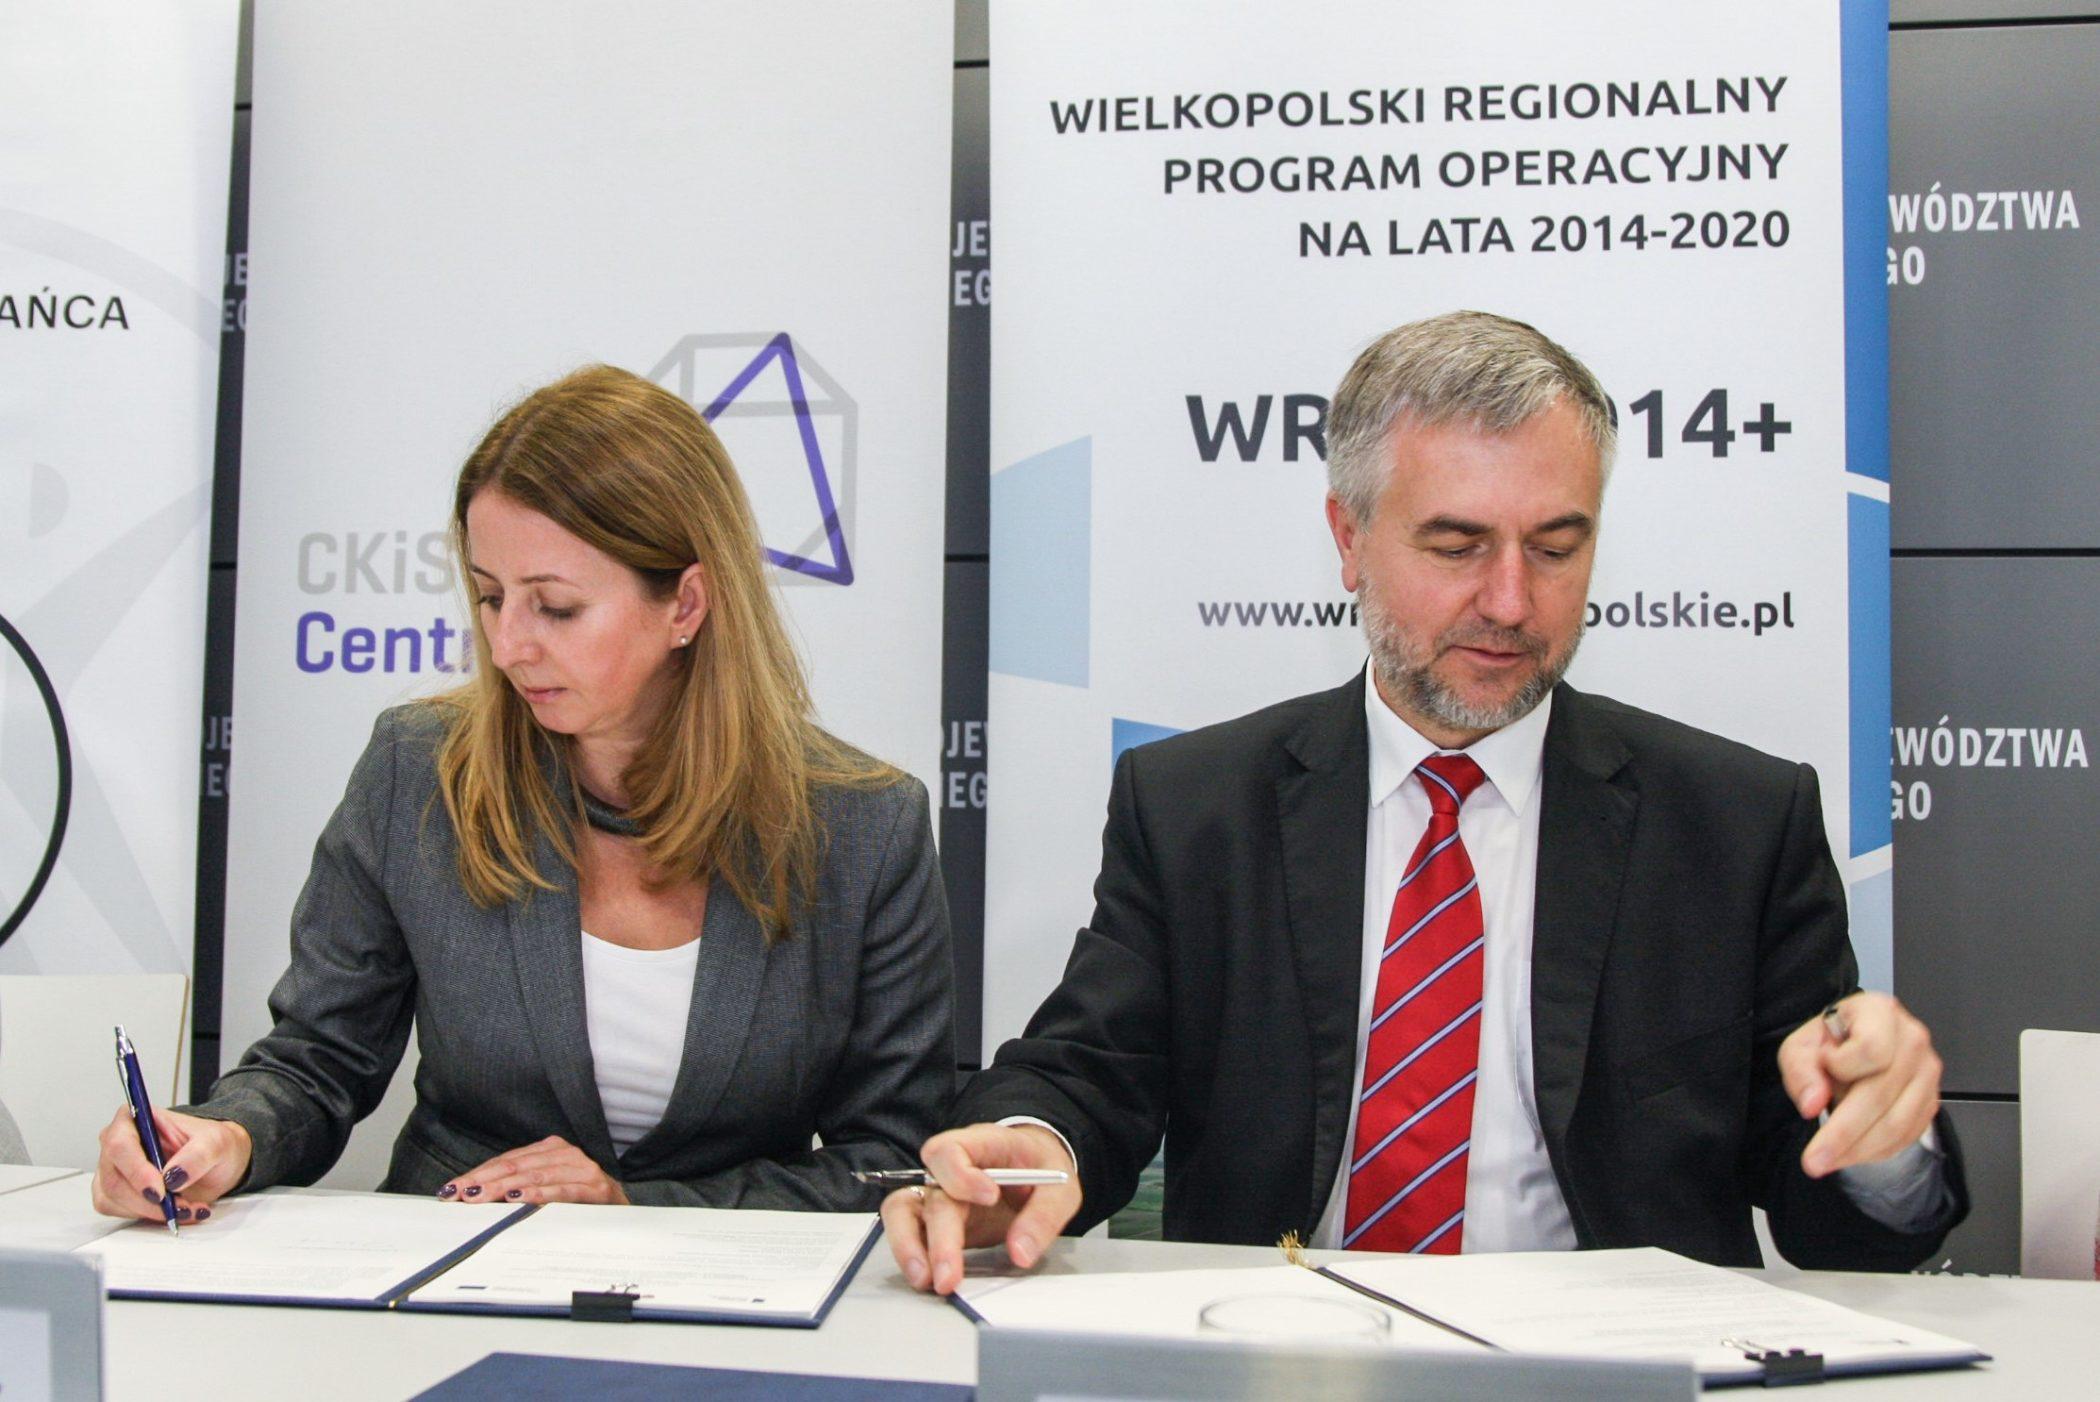 Elzbieta Barszcz i Marek Woźniak podpisują umowę.